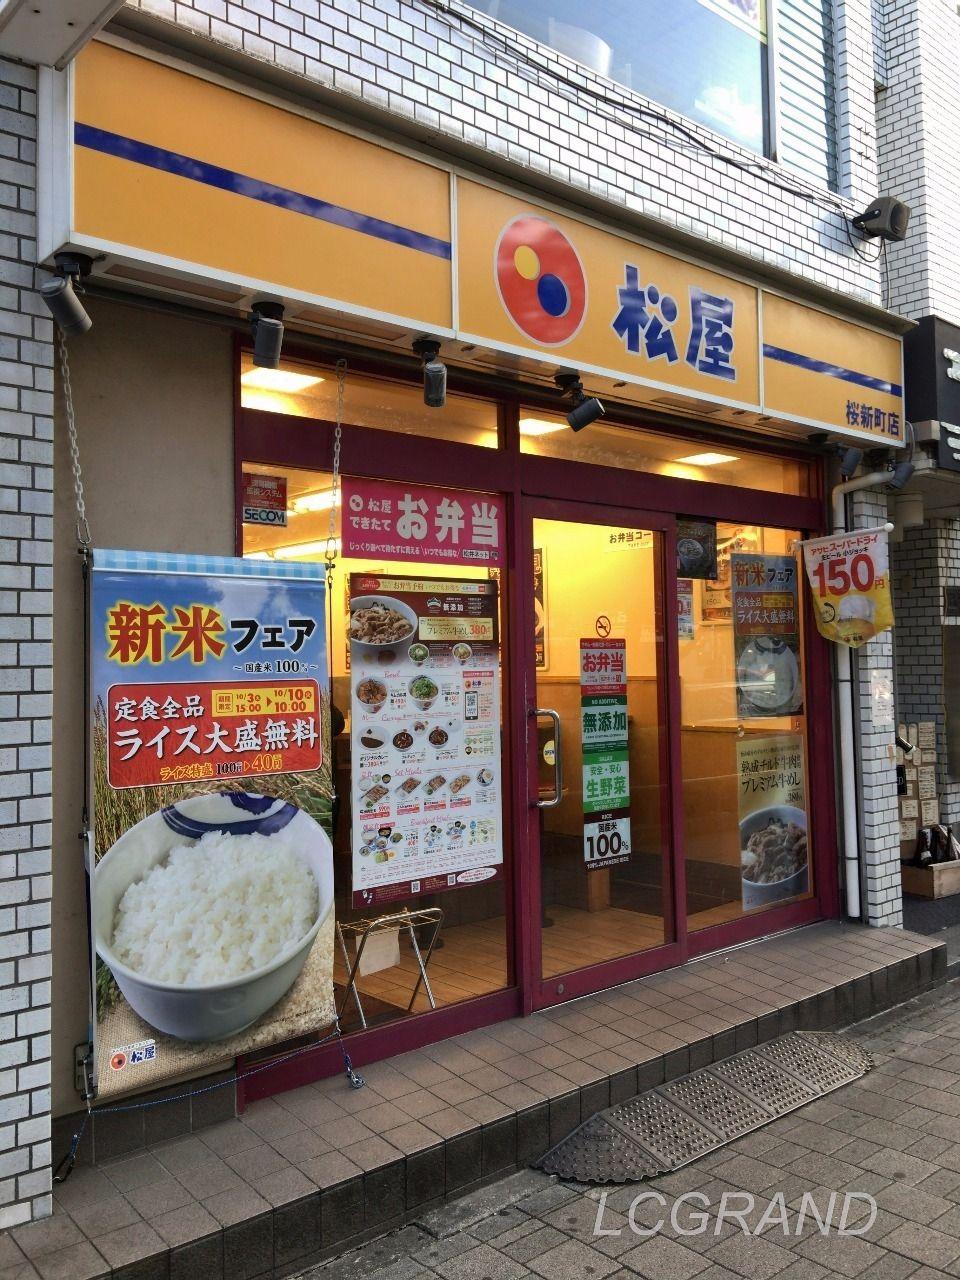 桜新町駅前のある牛丼チェーン店の松屋の桜新町店の店頭